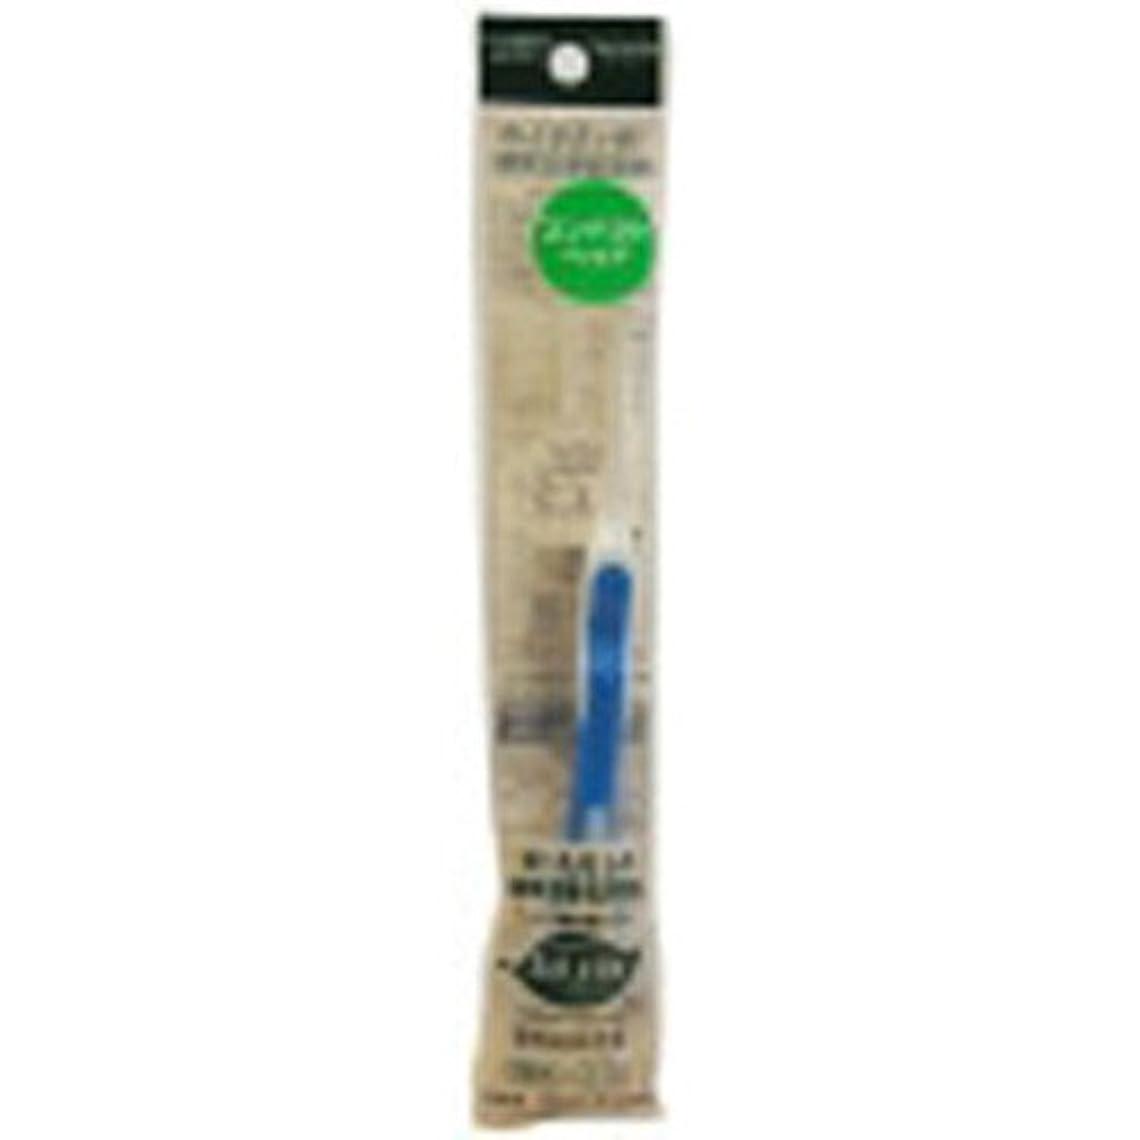 アクセスできない管理します感心するサレド ヘッド交換式歯ブラシ お試しセット コンパクトヘッド ブルー